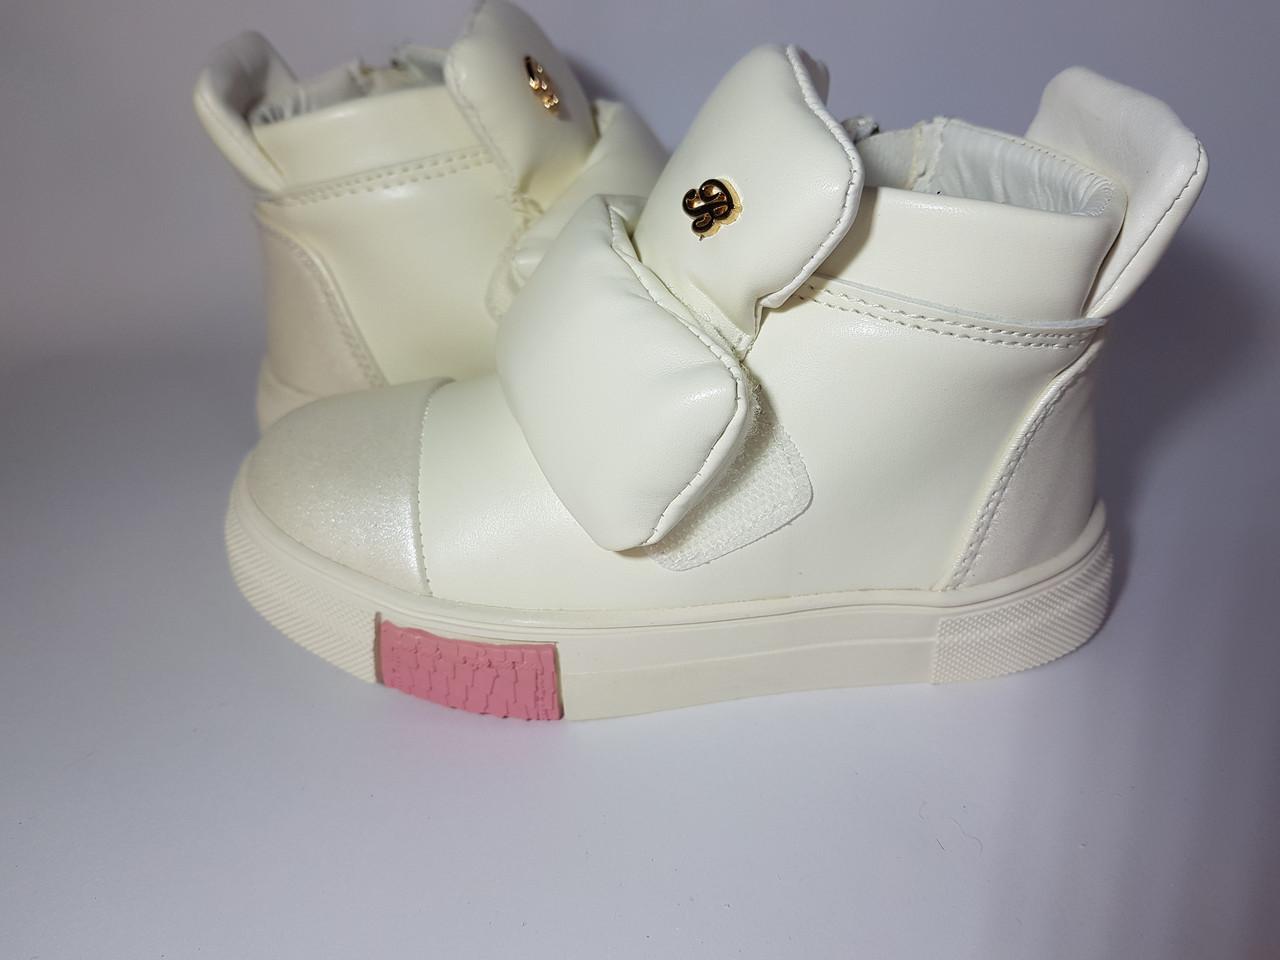 3c90c6b5d Стильные весенние ботинки для девочки 25 - 30 размеры - KINDERTORG в Днепре